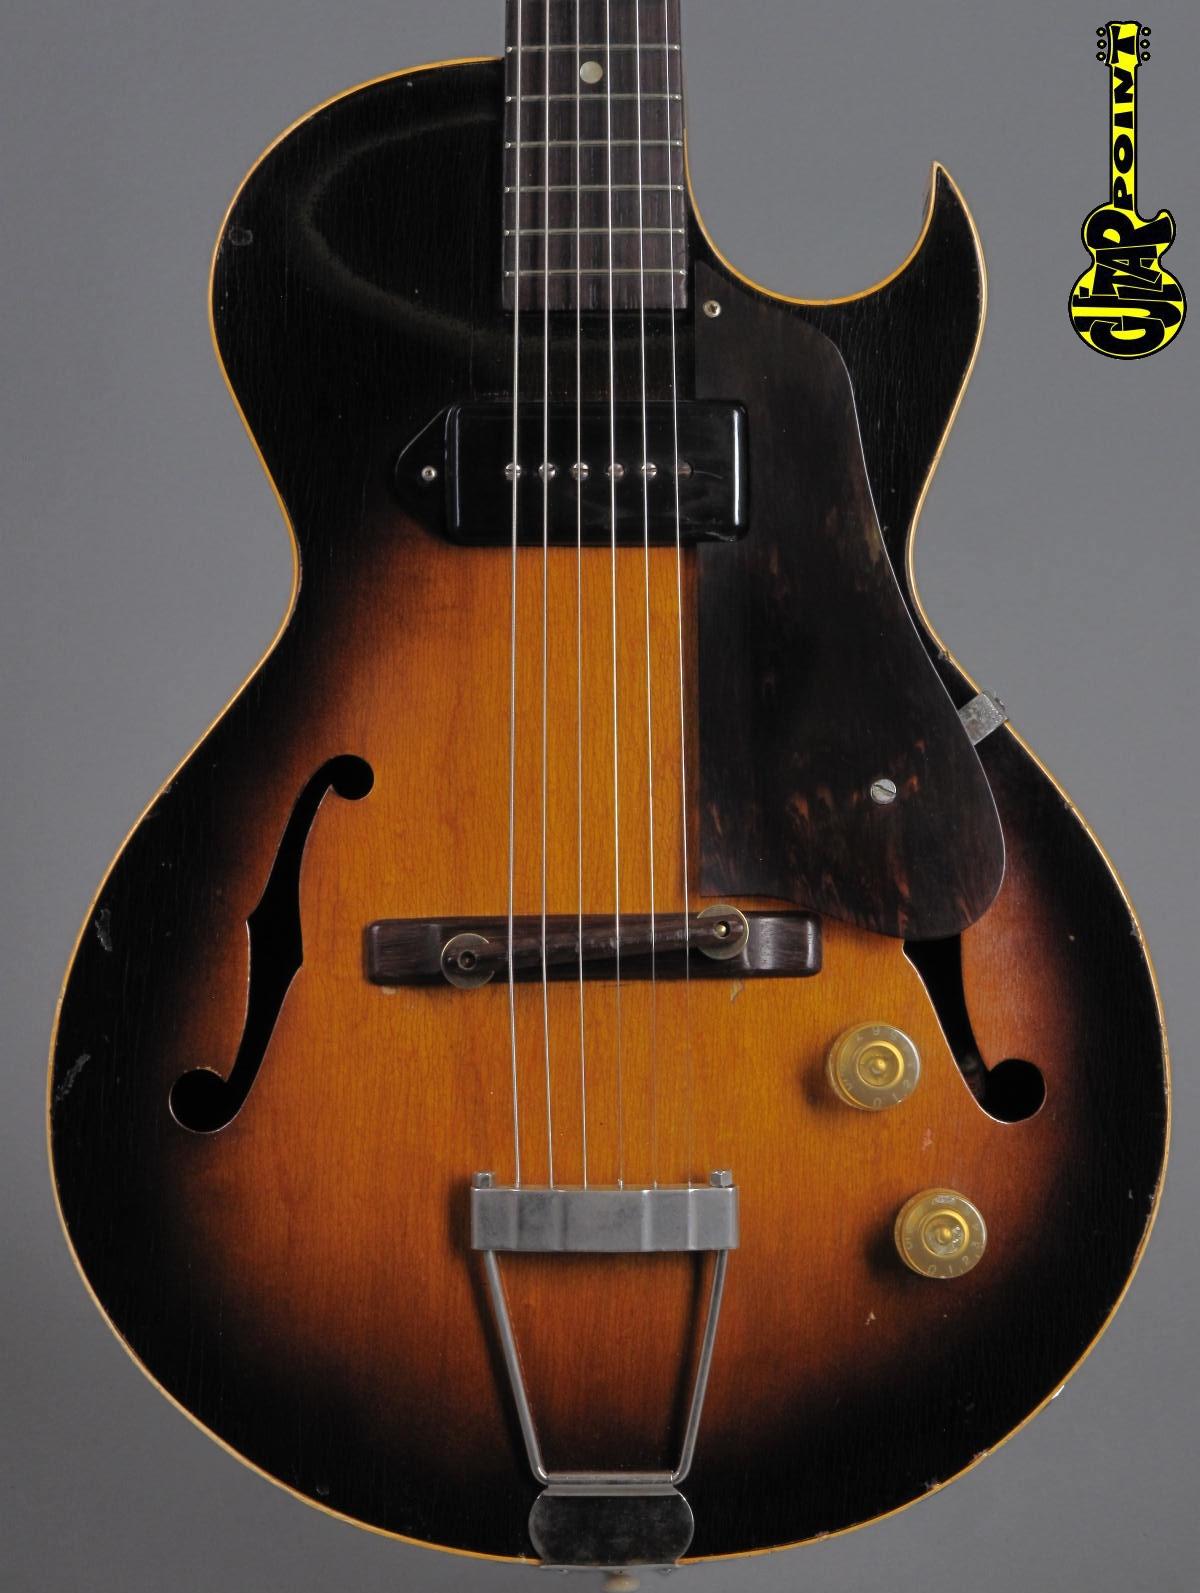 1954 Gibson ES-140 - Sunburst  - 3/4